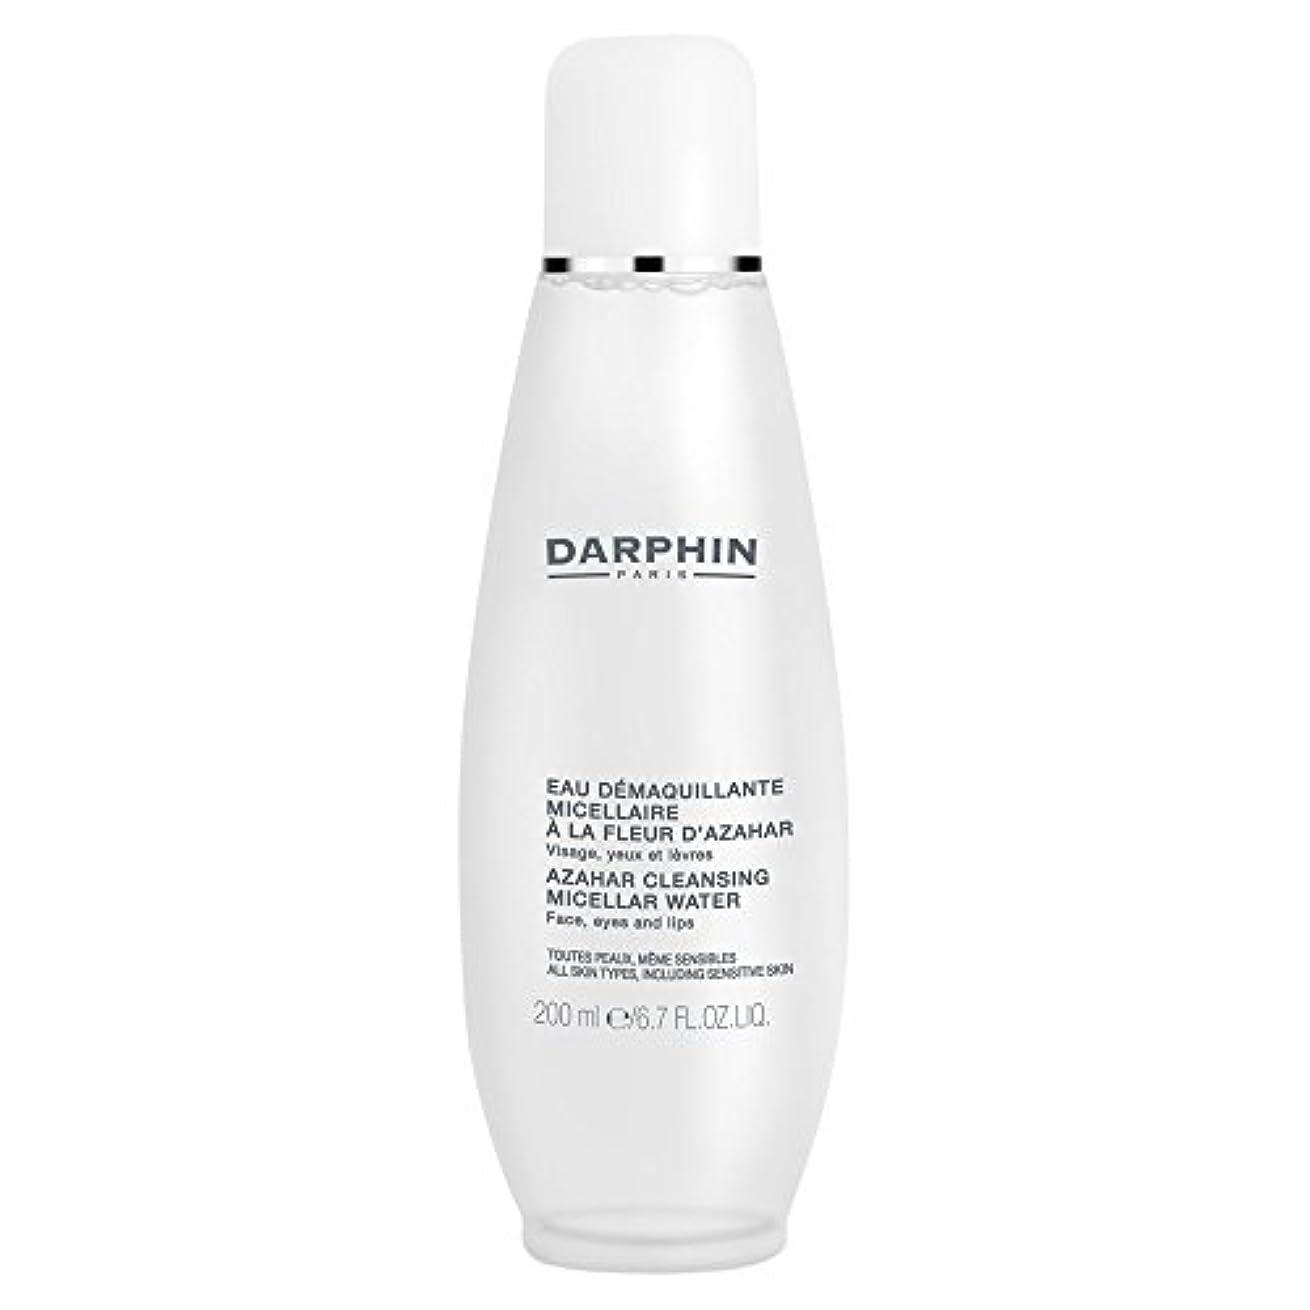 軽と組む小包ミセル水クレンジングアサールダルファン、200ミリリットル (Darphin) (x2) - Darphin Azahar Cleansing Micellar Water, 200ml (Pack of 2) [並行輸入品]